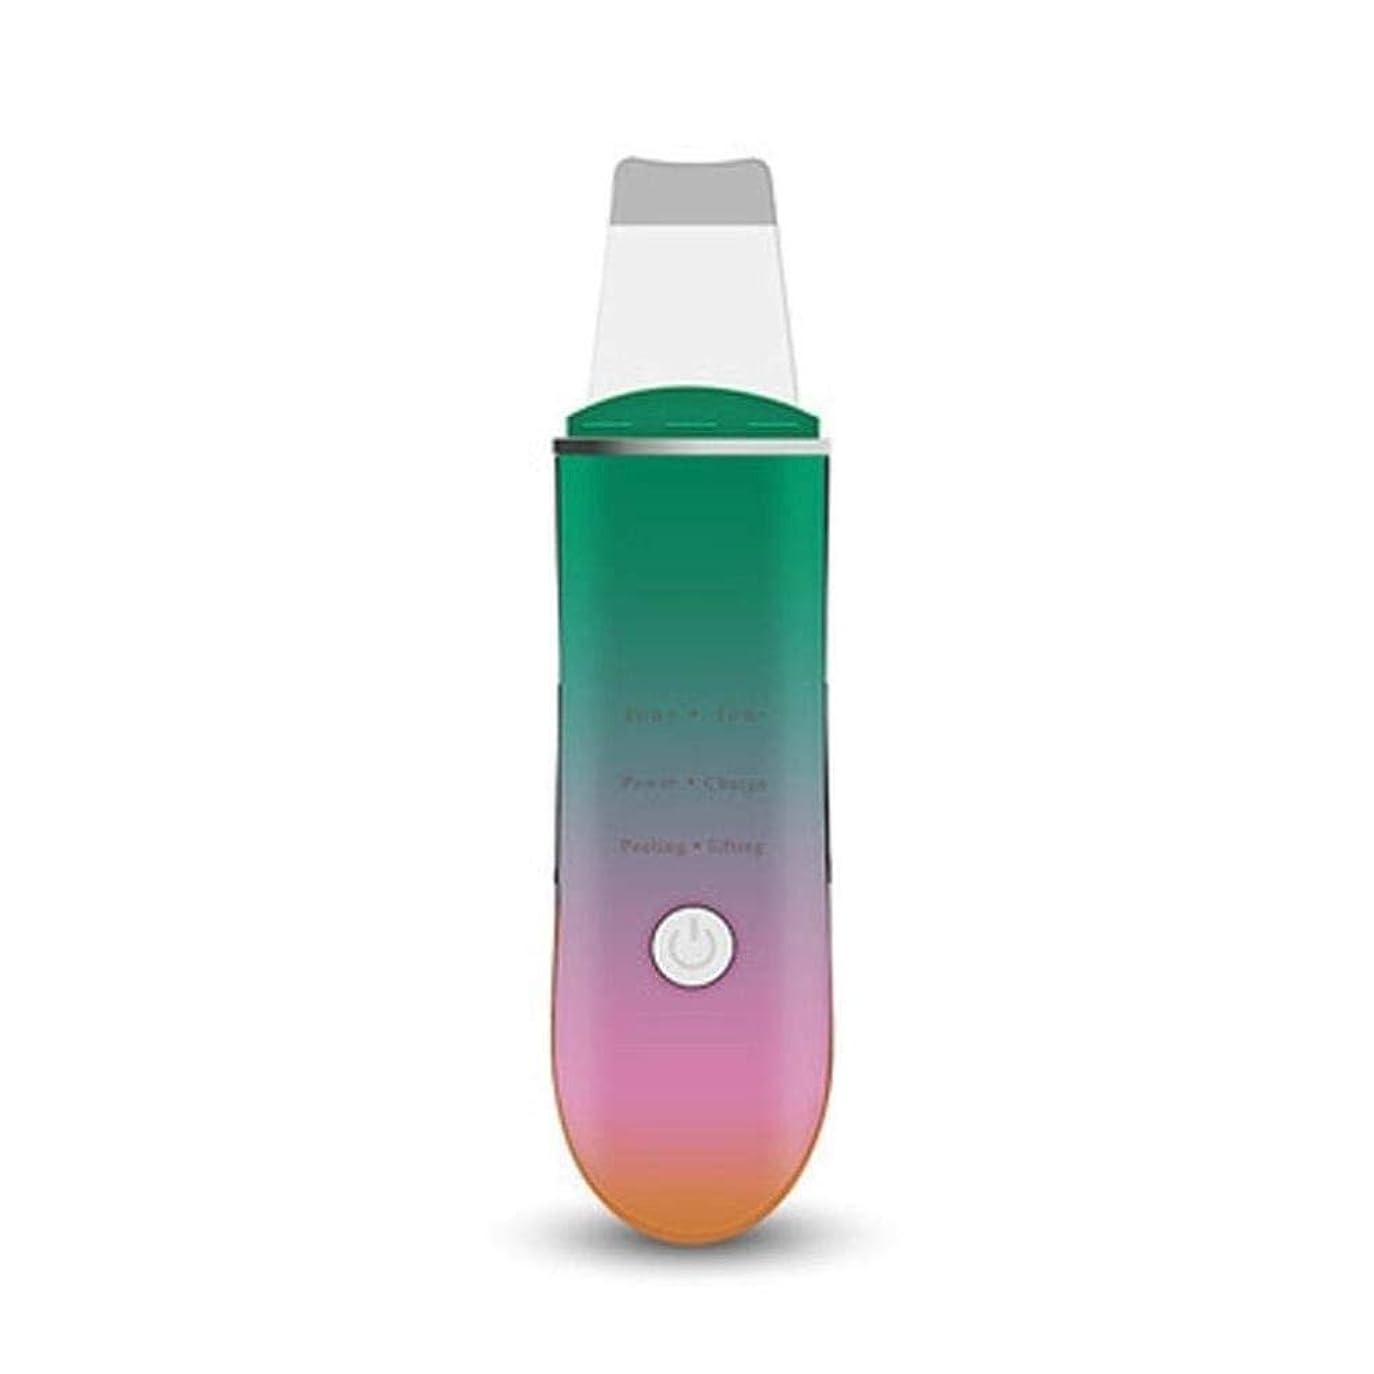 最も慣れるチョーク黒ずみを除去するためのフェイシャルスキンスクラバーポータブル超音波フェイススクラバースキンケア剥離しわ除去機クリーナーフェイシャルビューティーデバイス (Color : A1)